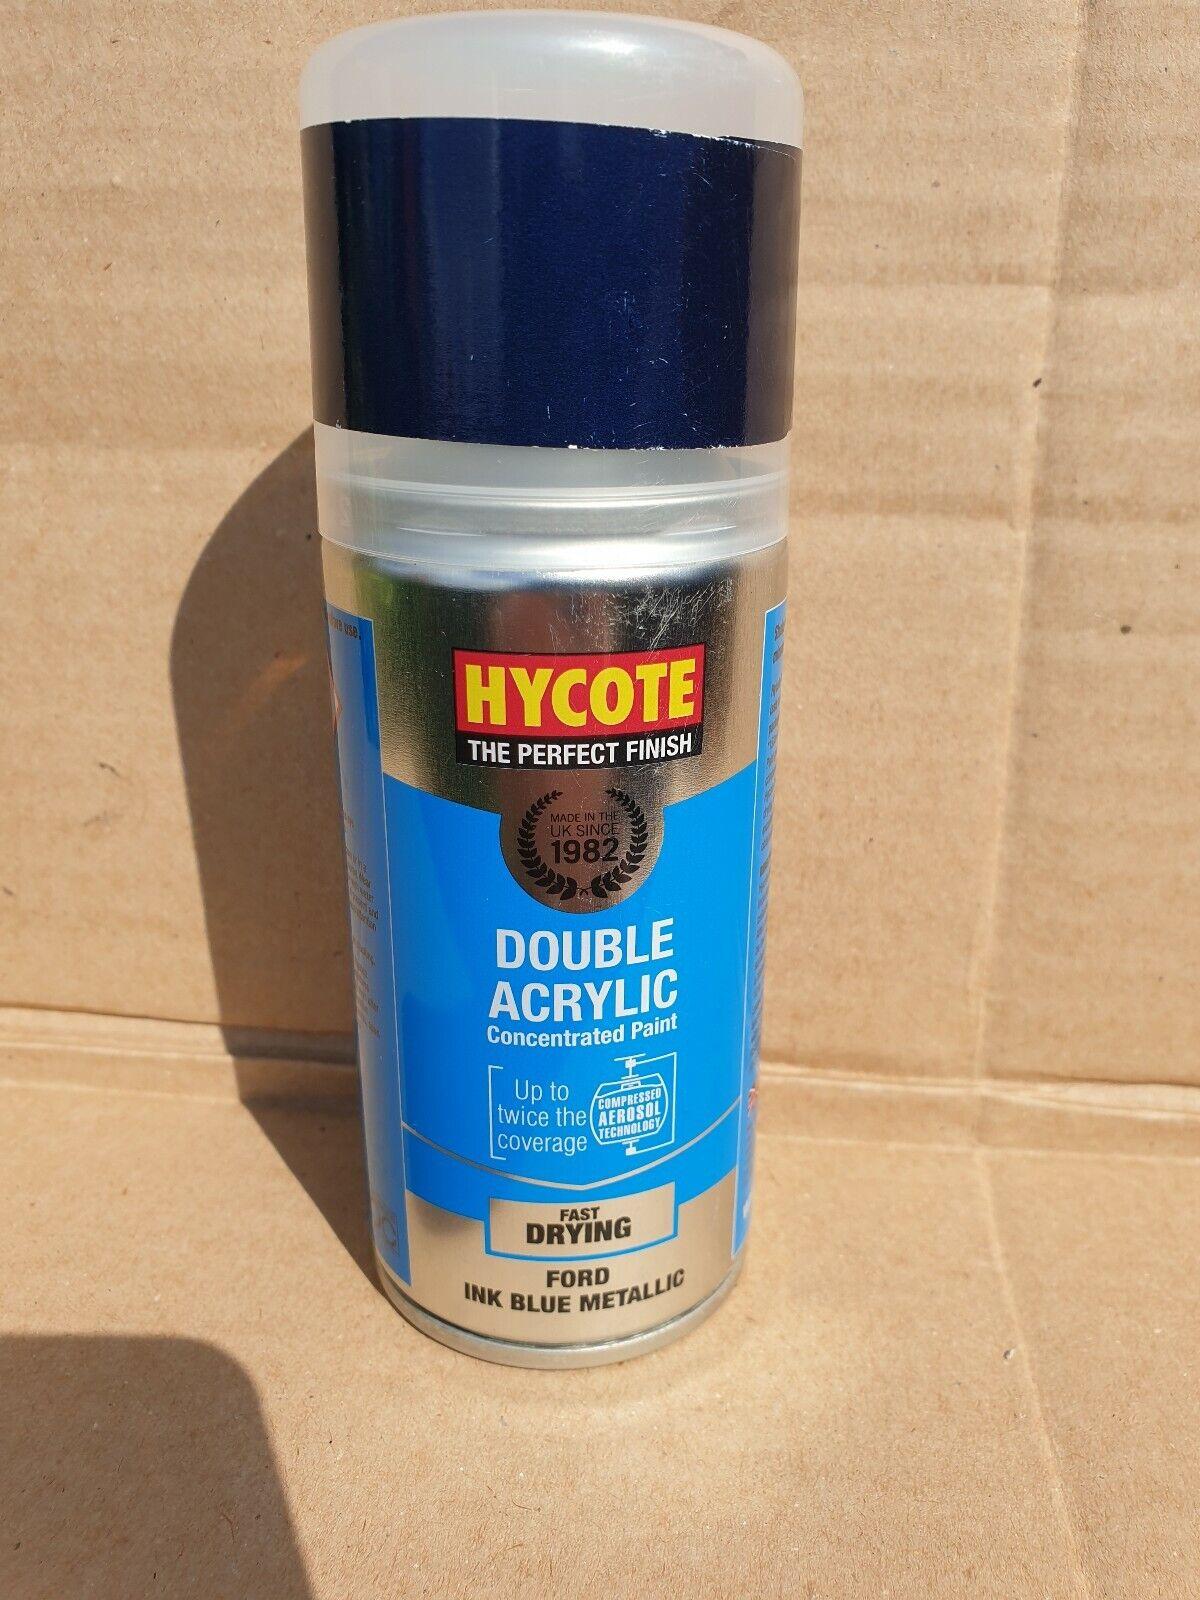 Ford Hycote Ink Blue Metallic Car Paint Spray Can Aerosol 150ml